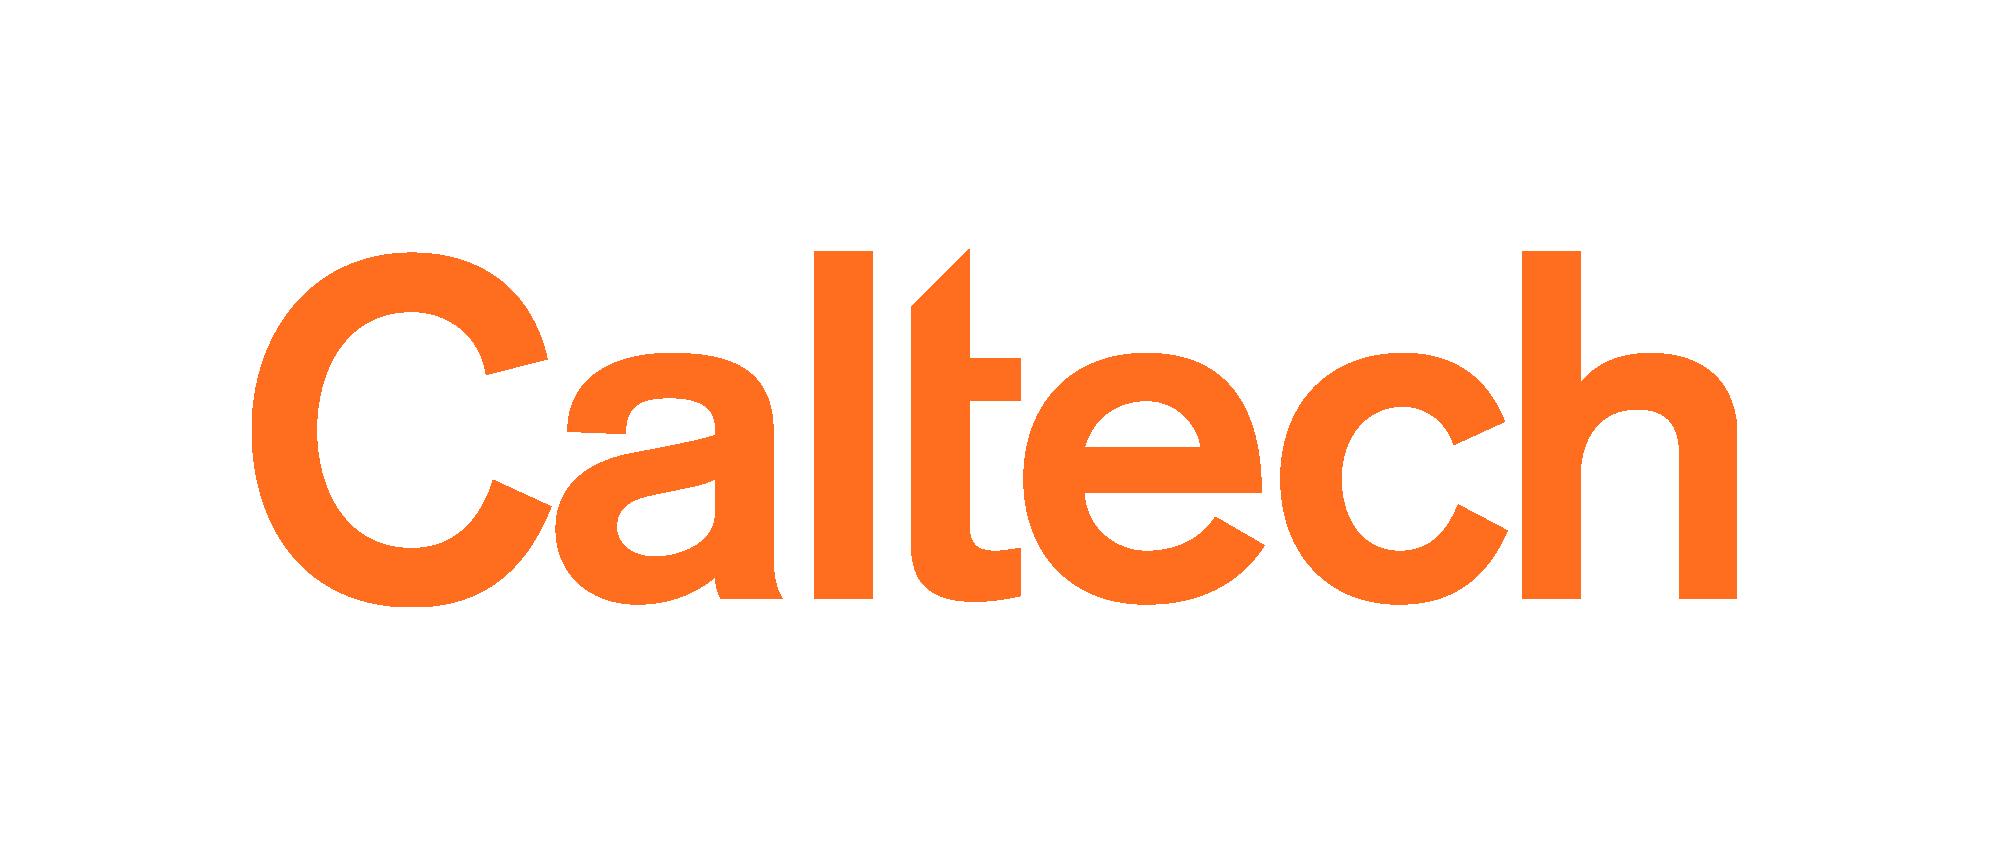 Caltech school logo